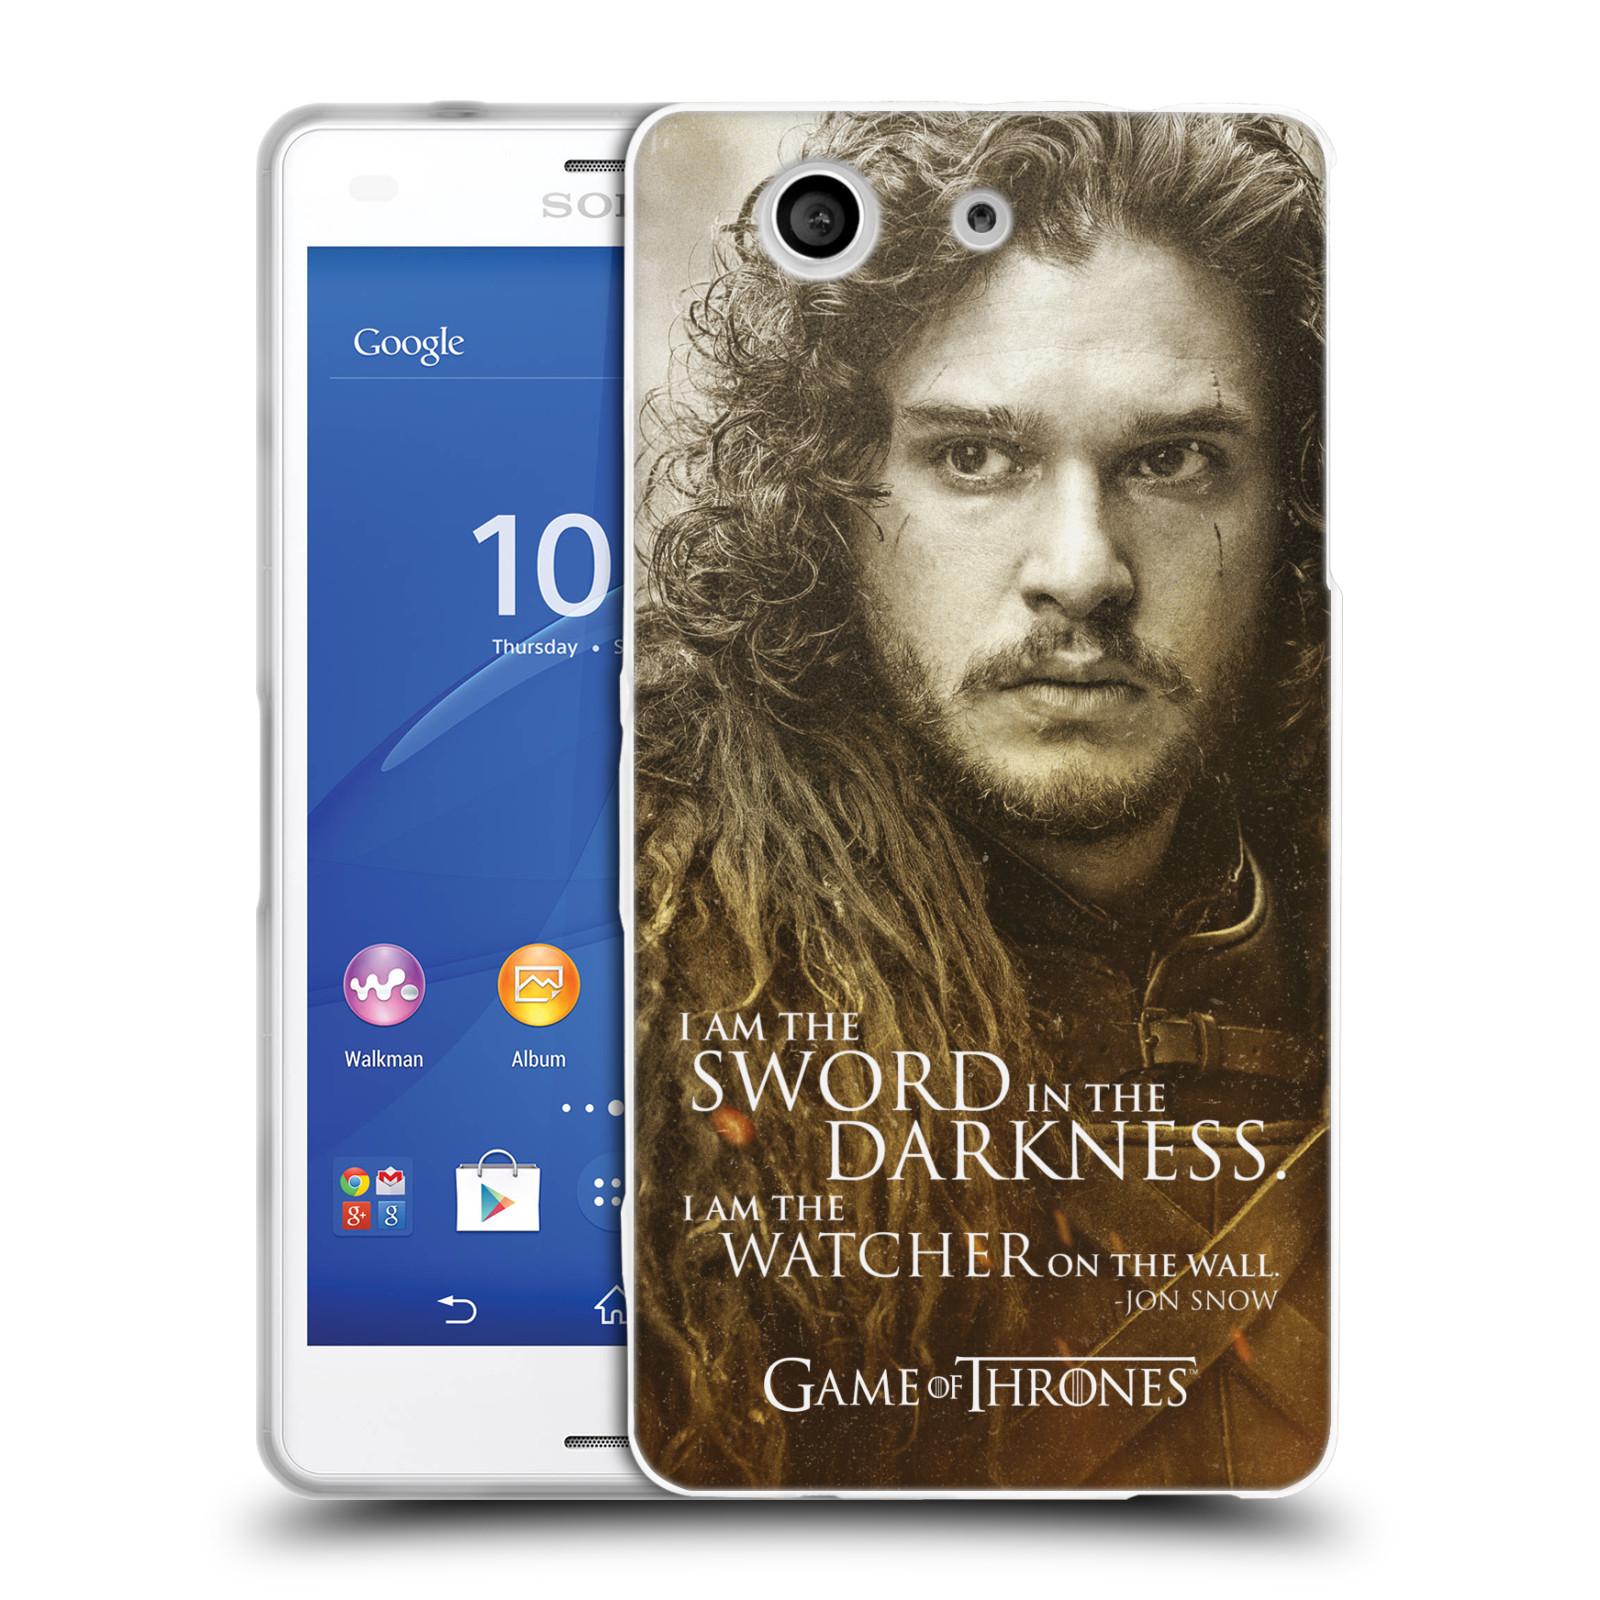 Silikonové pouzdro na mobil Sony Xperia Z3 Compact D5803 HEAD CASE Hra o trůny - Jon Snow (Silikonový kryt či obal na mobilní telefon s licencovaným motivem Hra o trůny - Game Of Thrones pro Sony Xperia Z3 Compact)